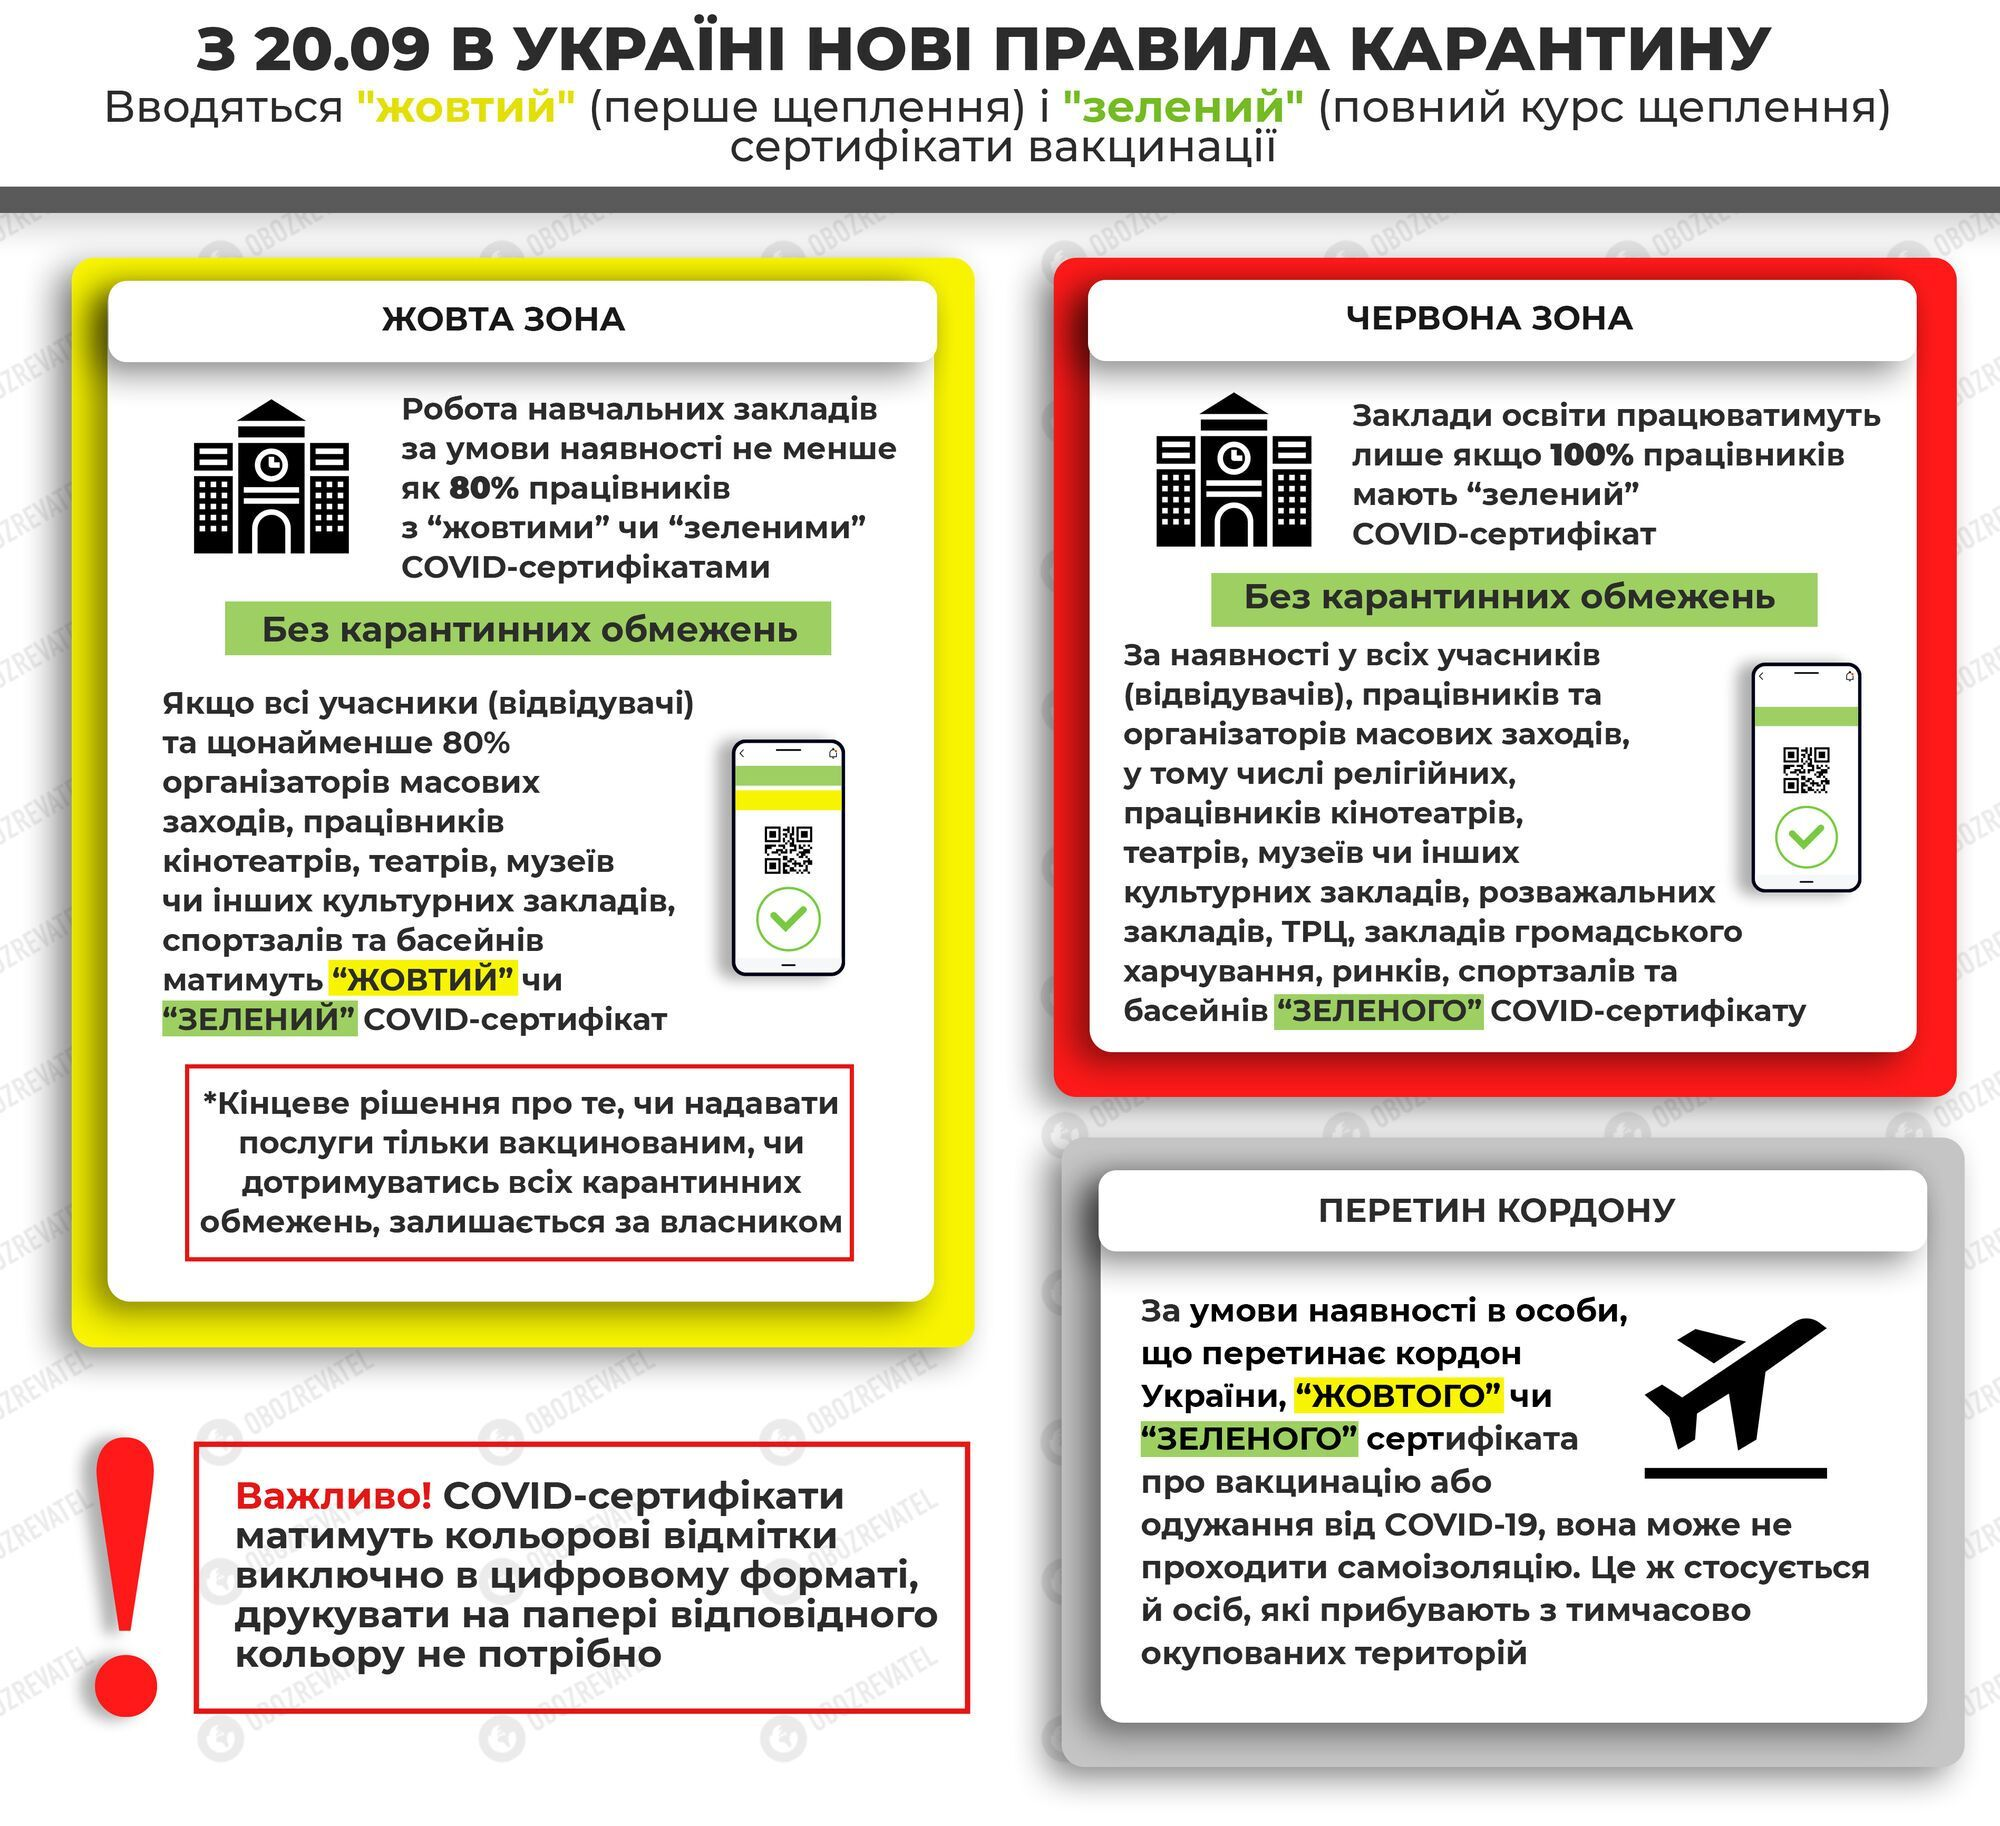 Нові карантинні обмеження в Україні.